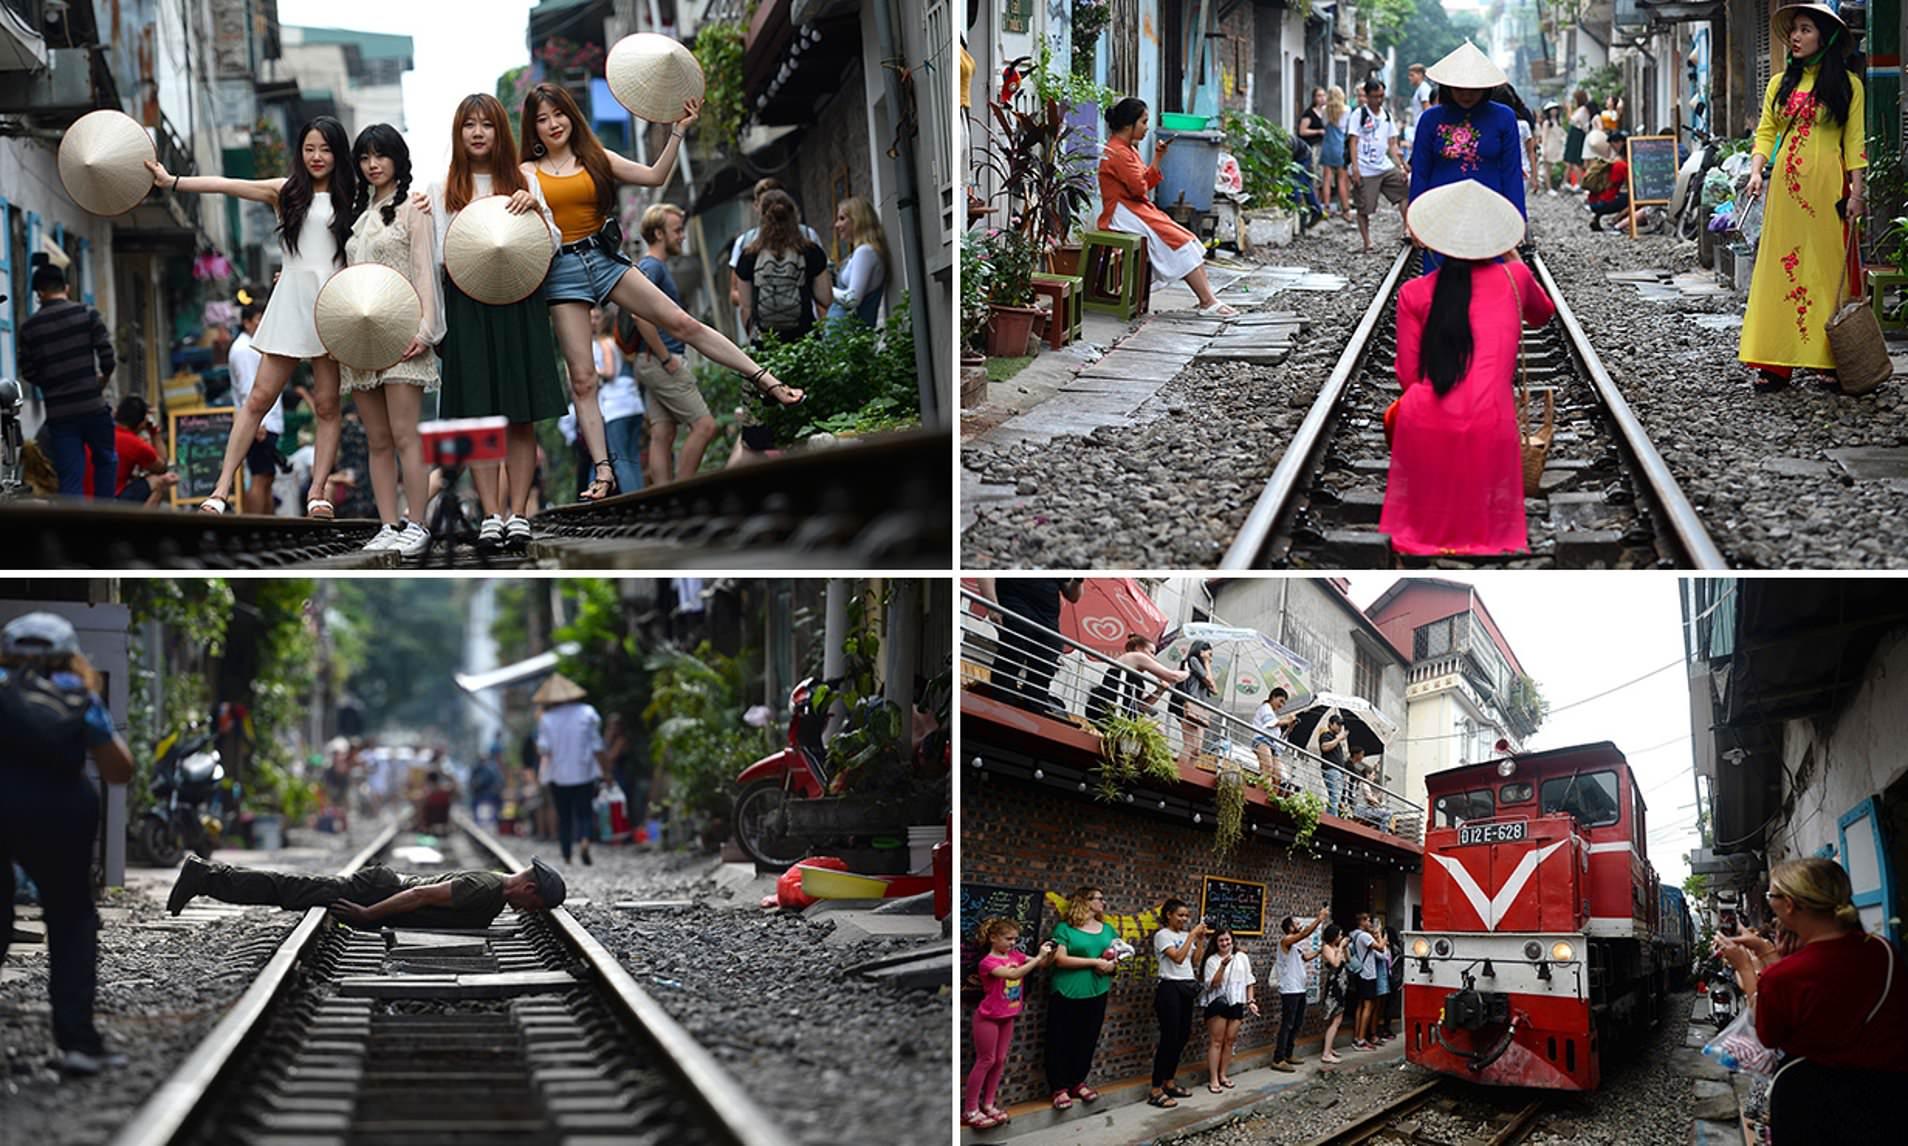 الحكومة تقرر إغلاق شارع القطار الشهير في هانوي أمام السياح